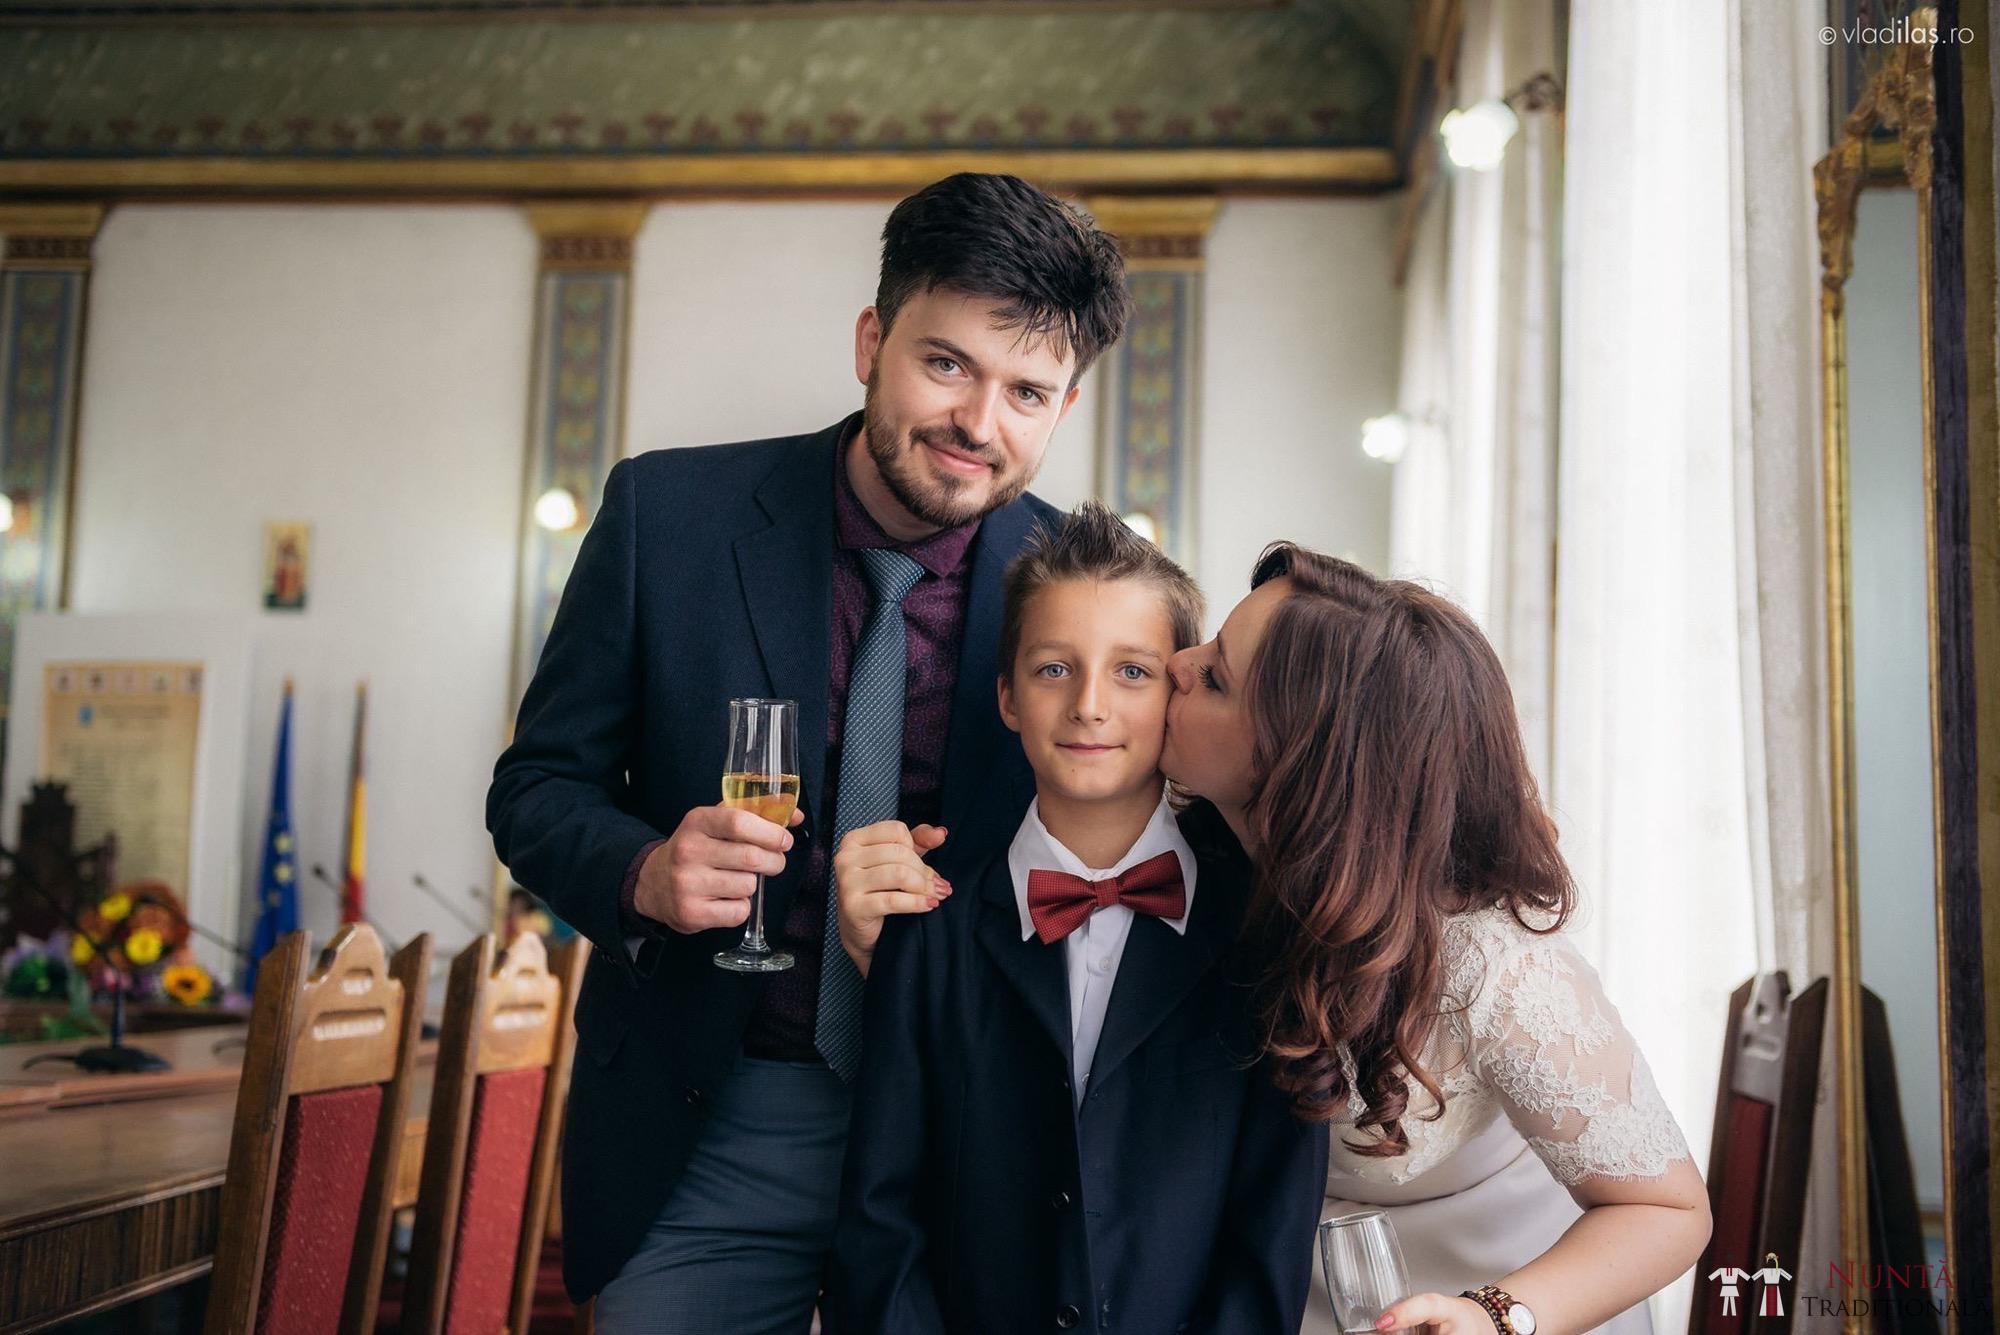 Povești Nunți Tradiționale - Oana și Sergiu - Nuntă tradițională-n Pojorâta, Bucovina 34